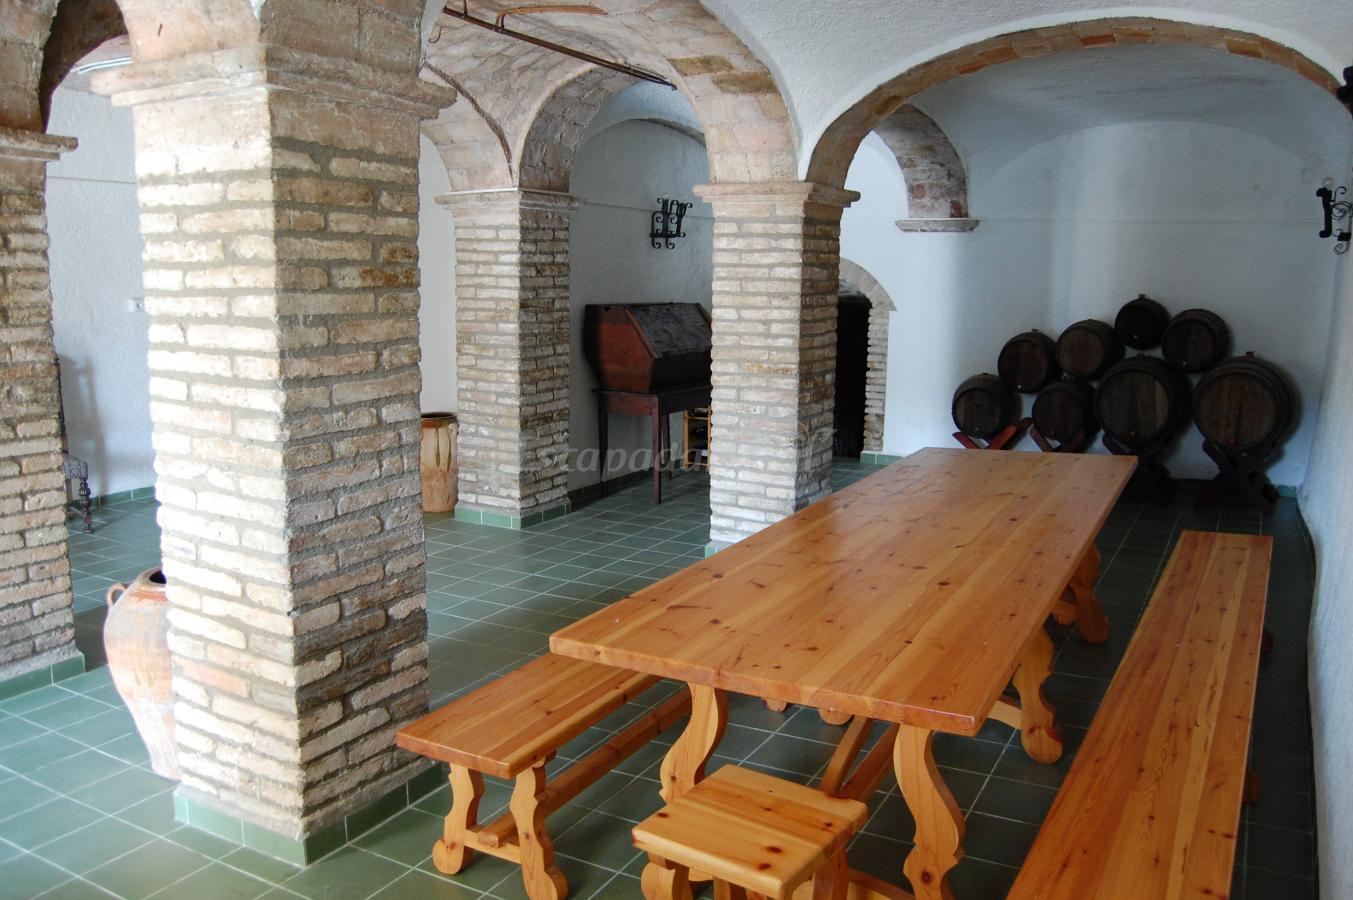 Fotos de cal llorencet casa rural en el lloar tarragona - Cases rurals a tarragona ...